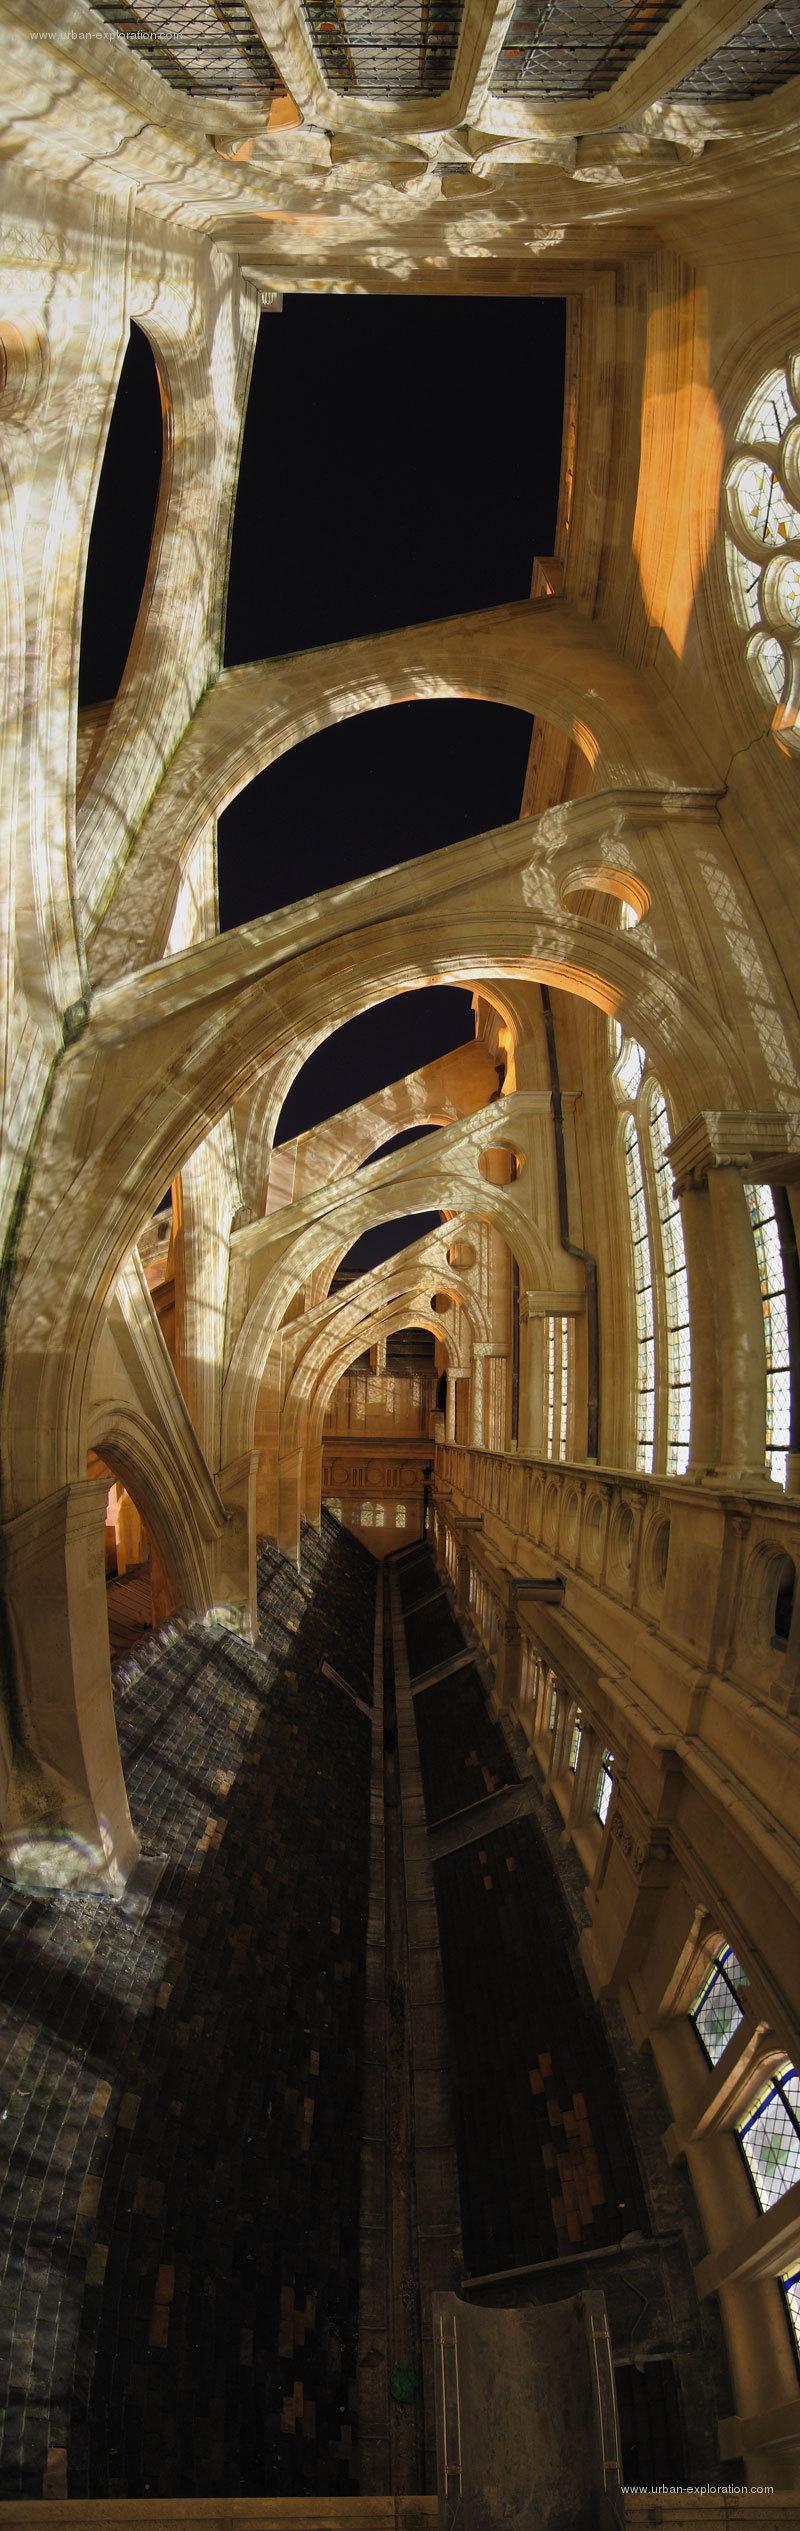 La premi re ressource d 39 exploration urbaine et for Architecte st eustache